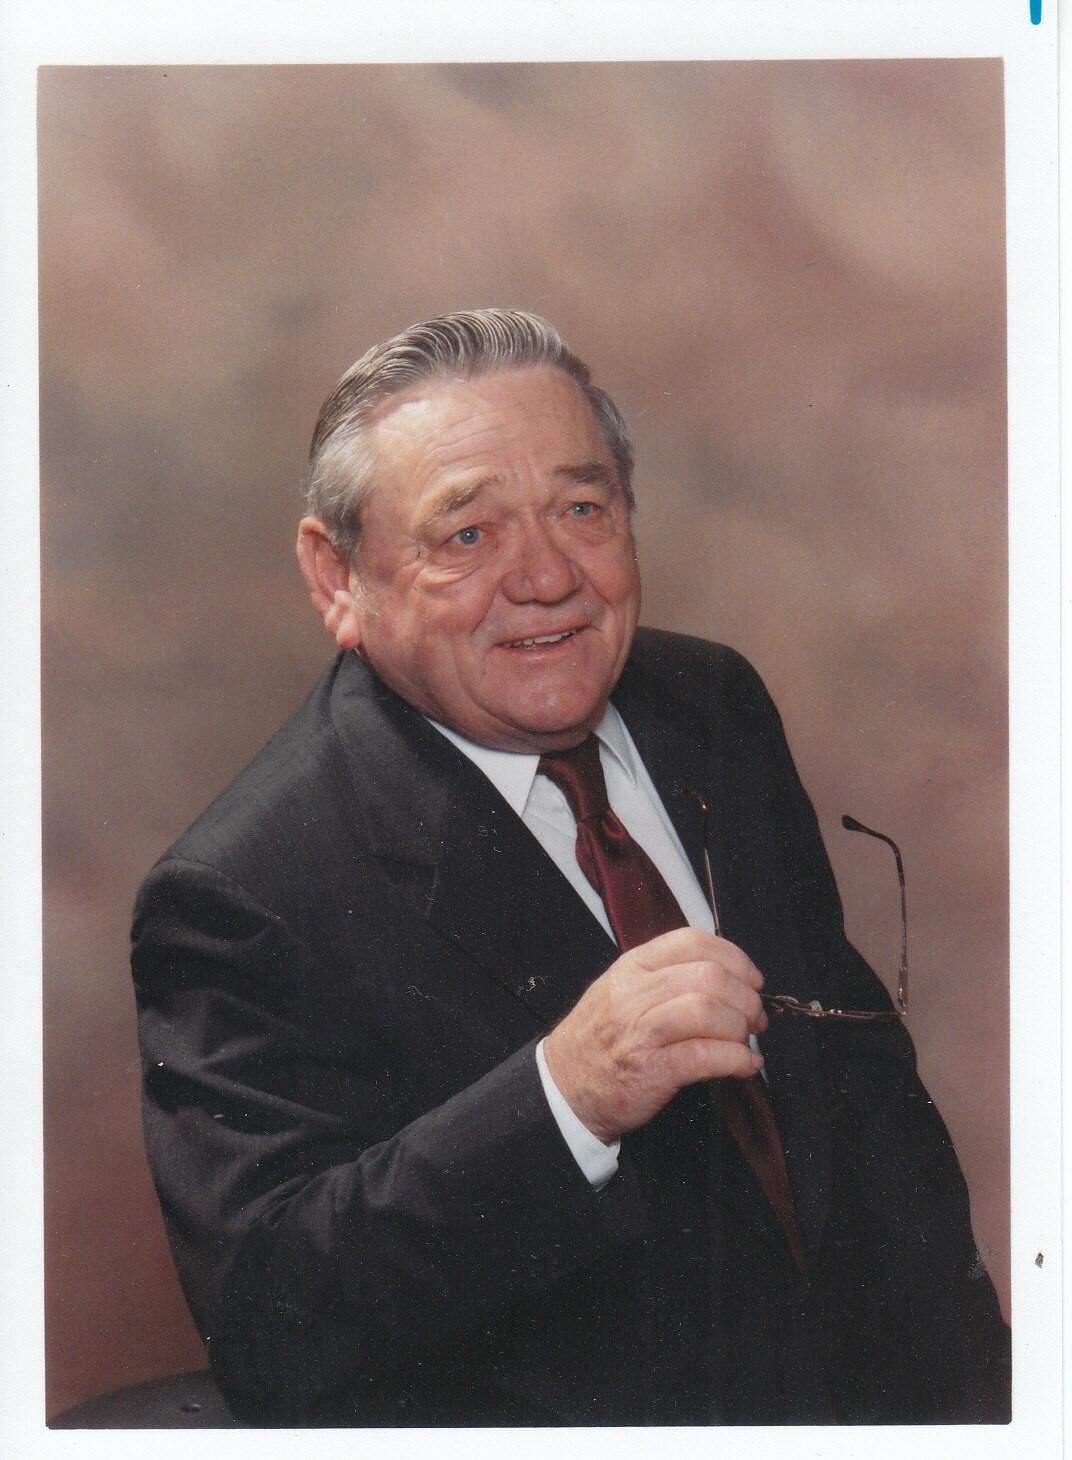 Floryian William Kendziora